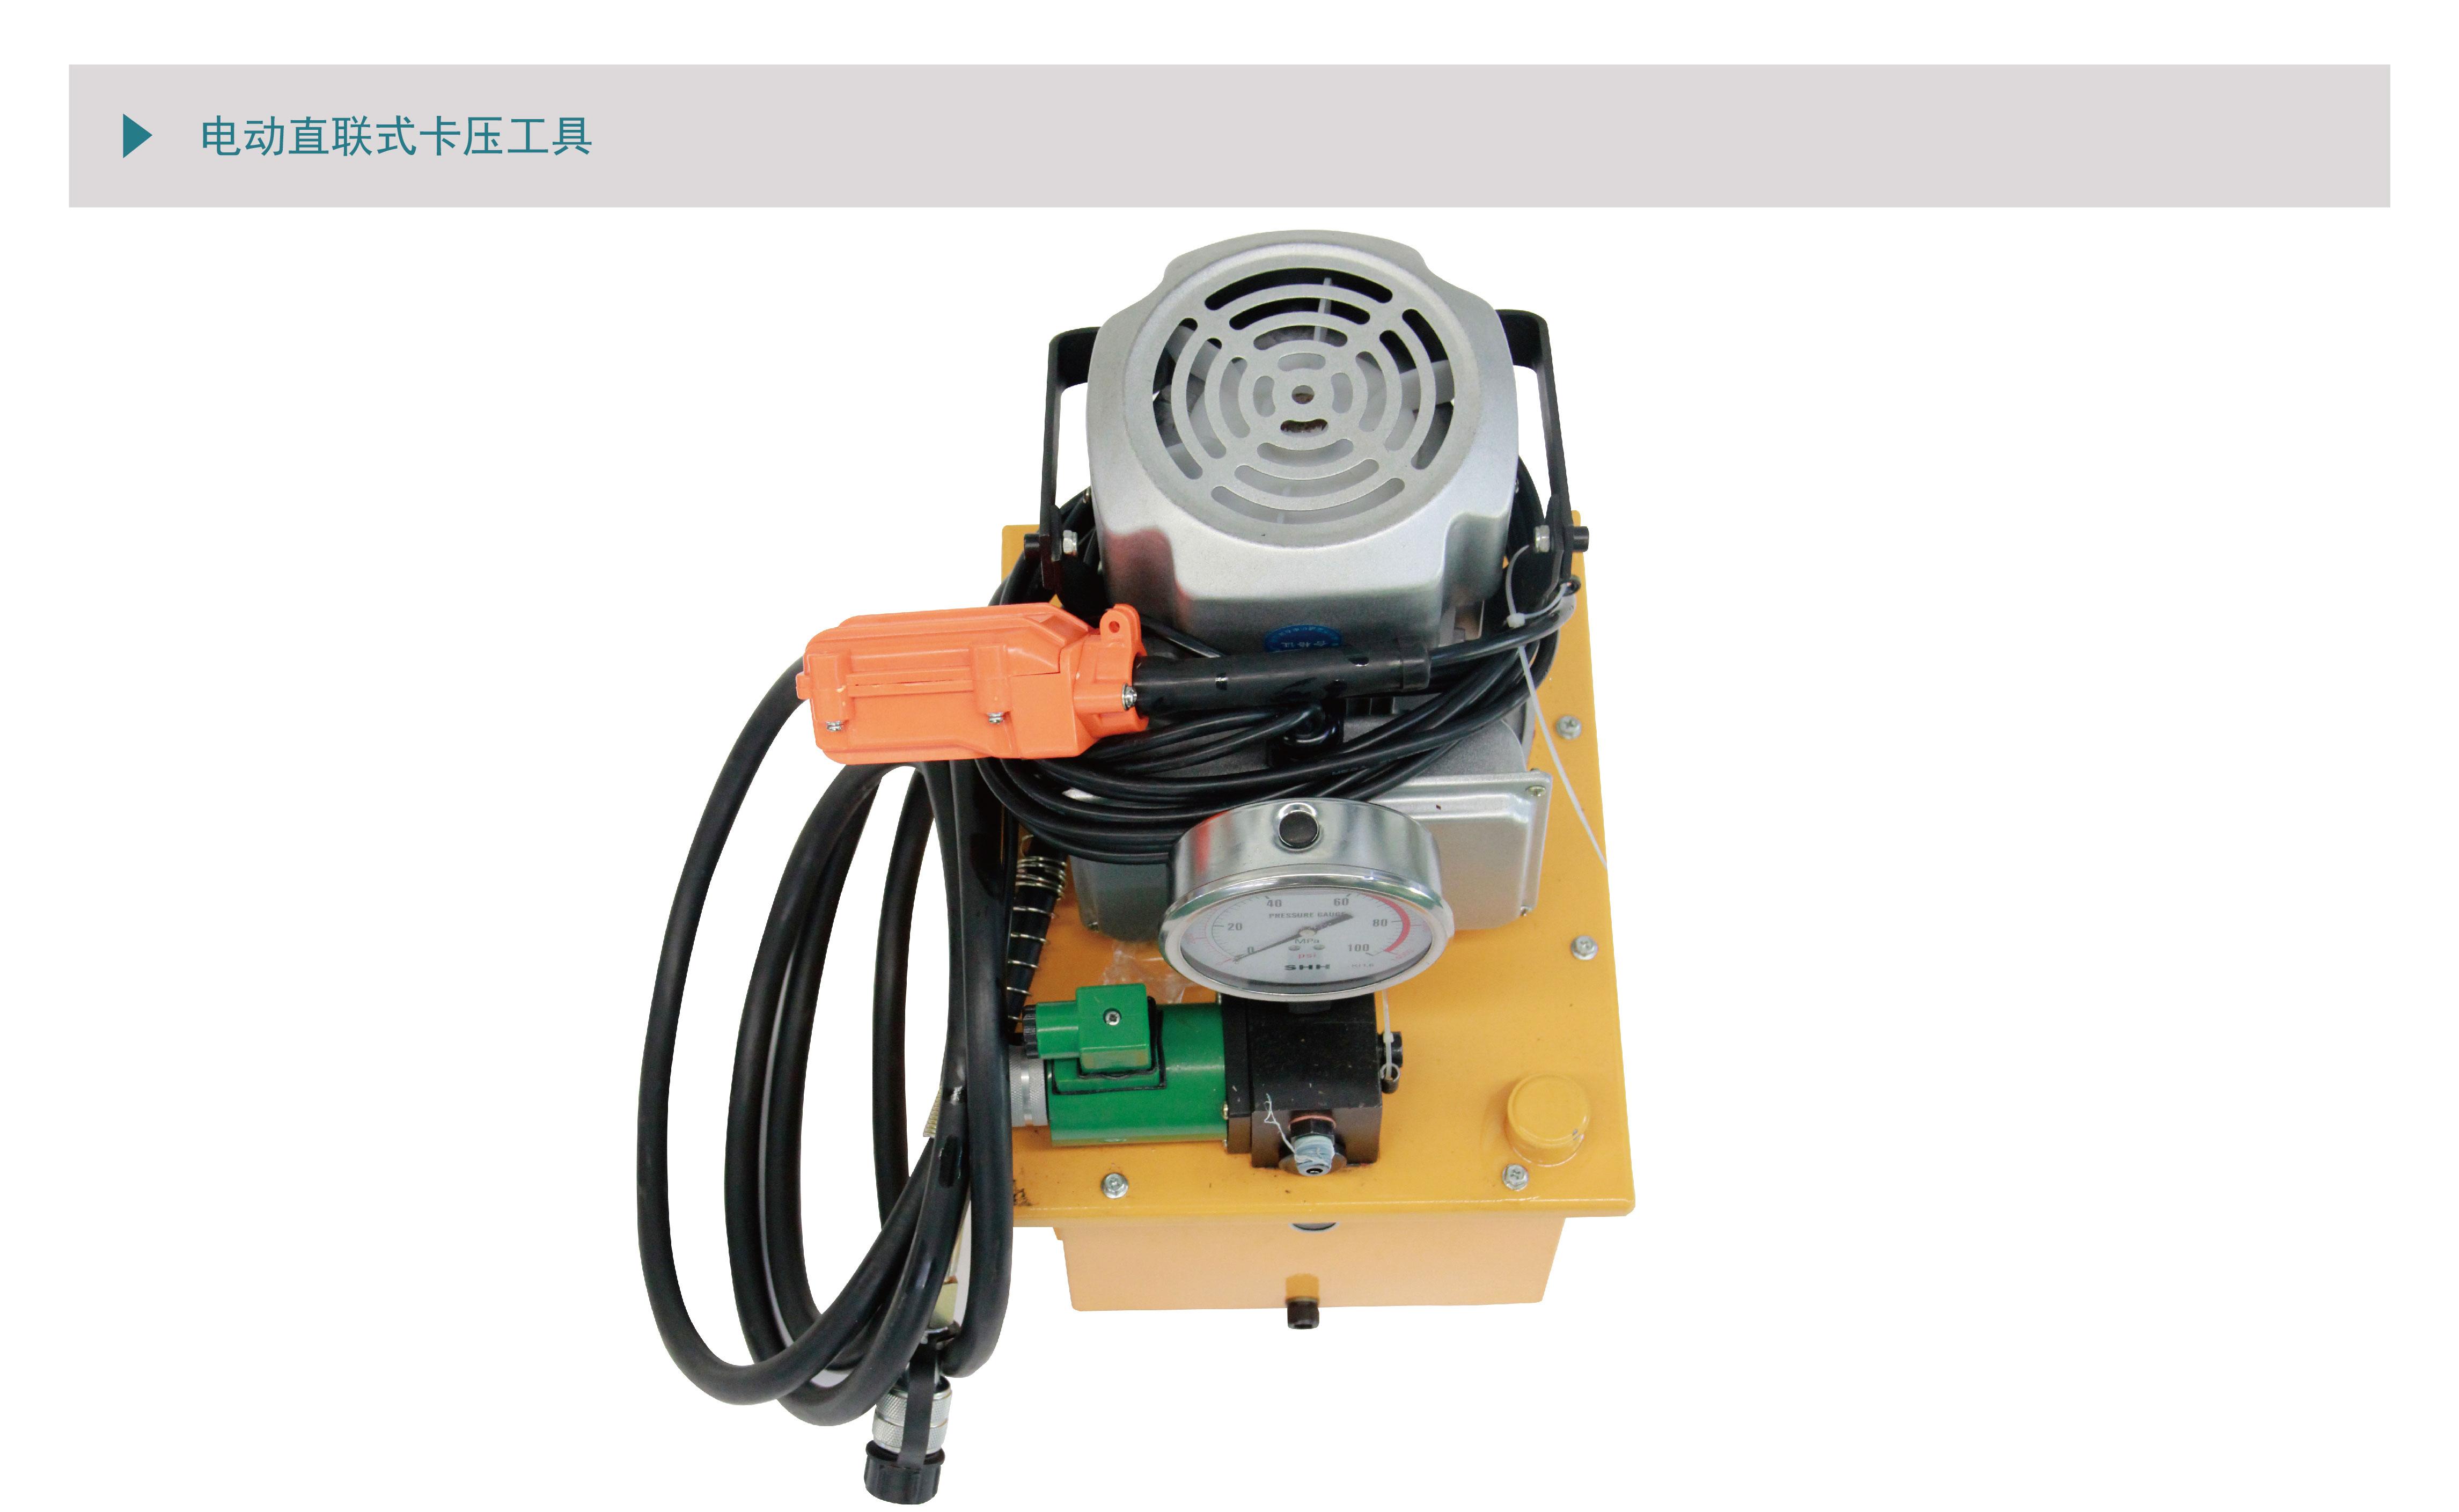 电动直连式双卡压工具